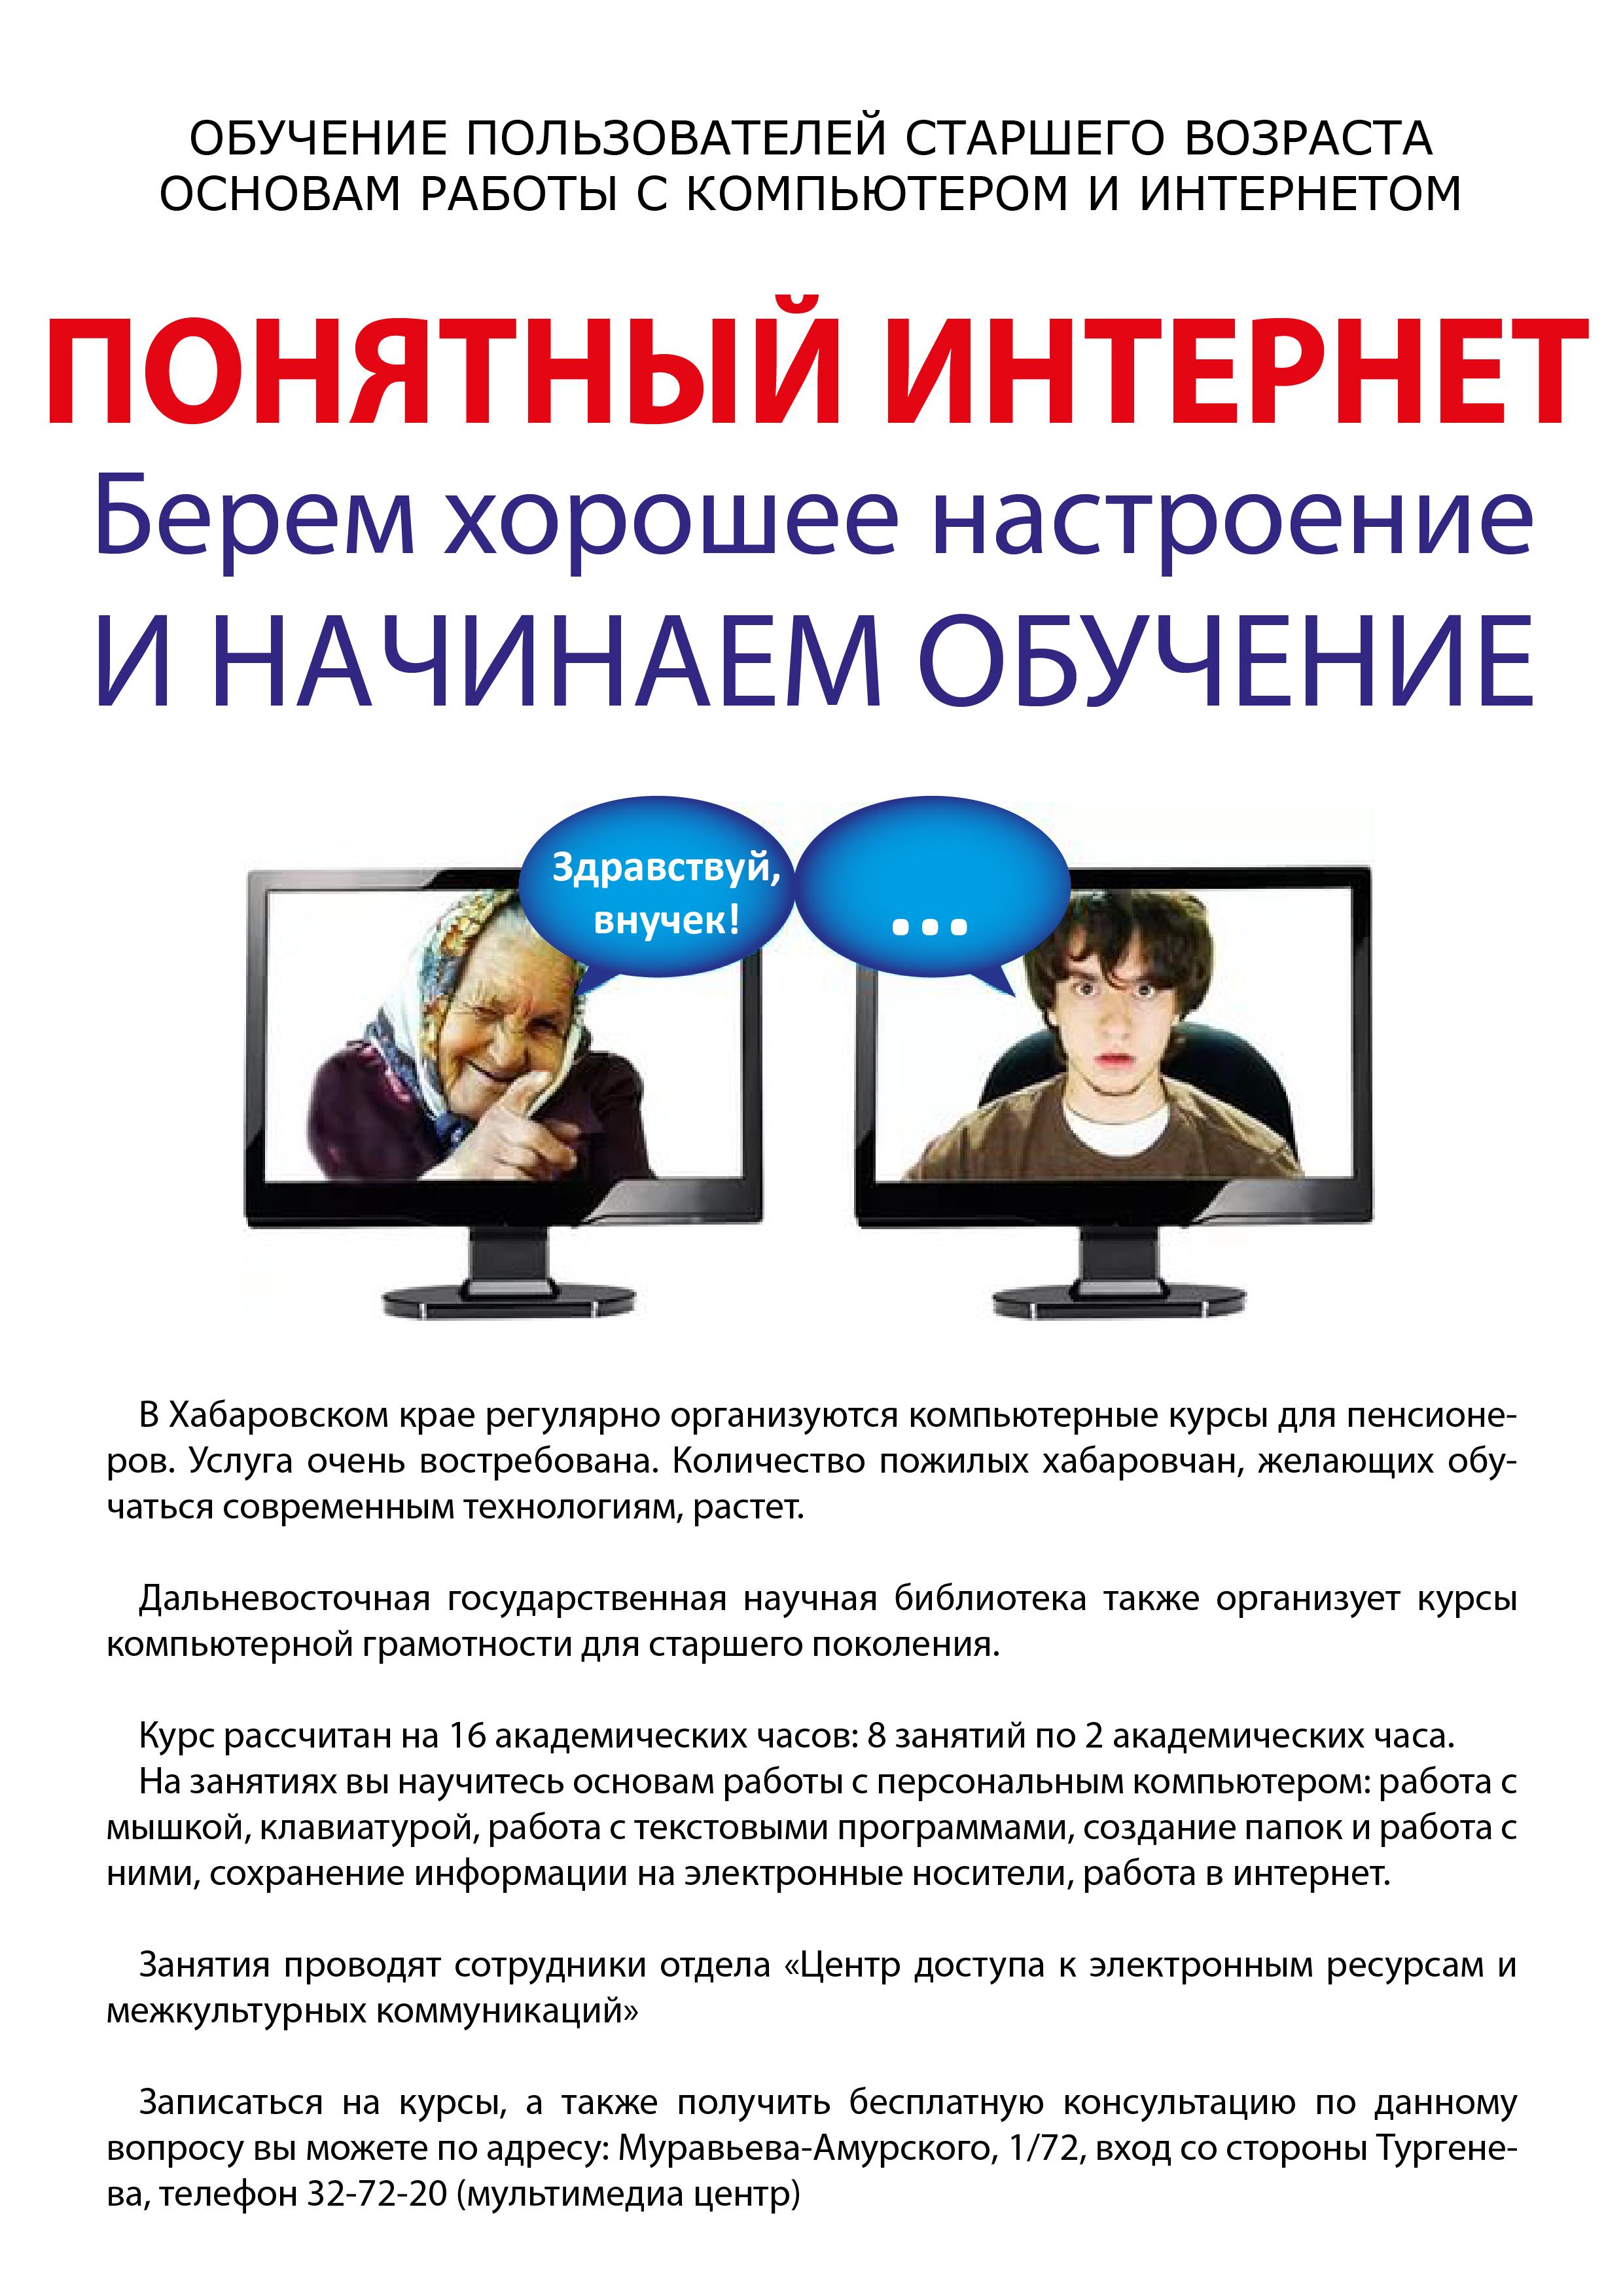 программа обучения компьютерной грамотности пенсионерам